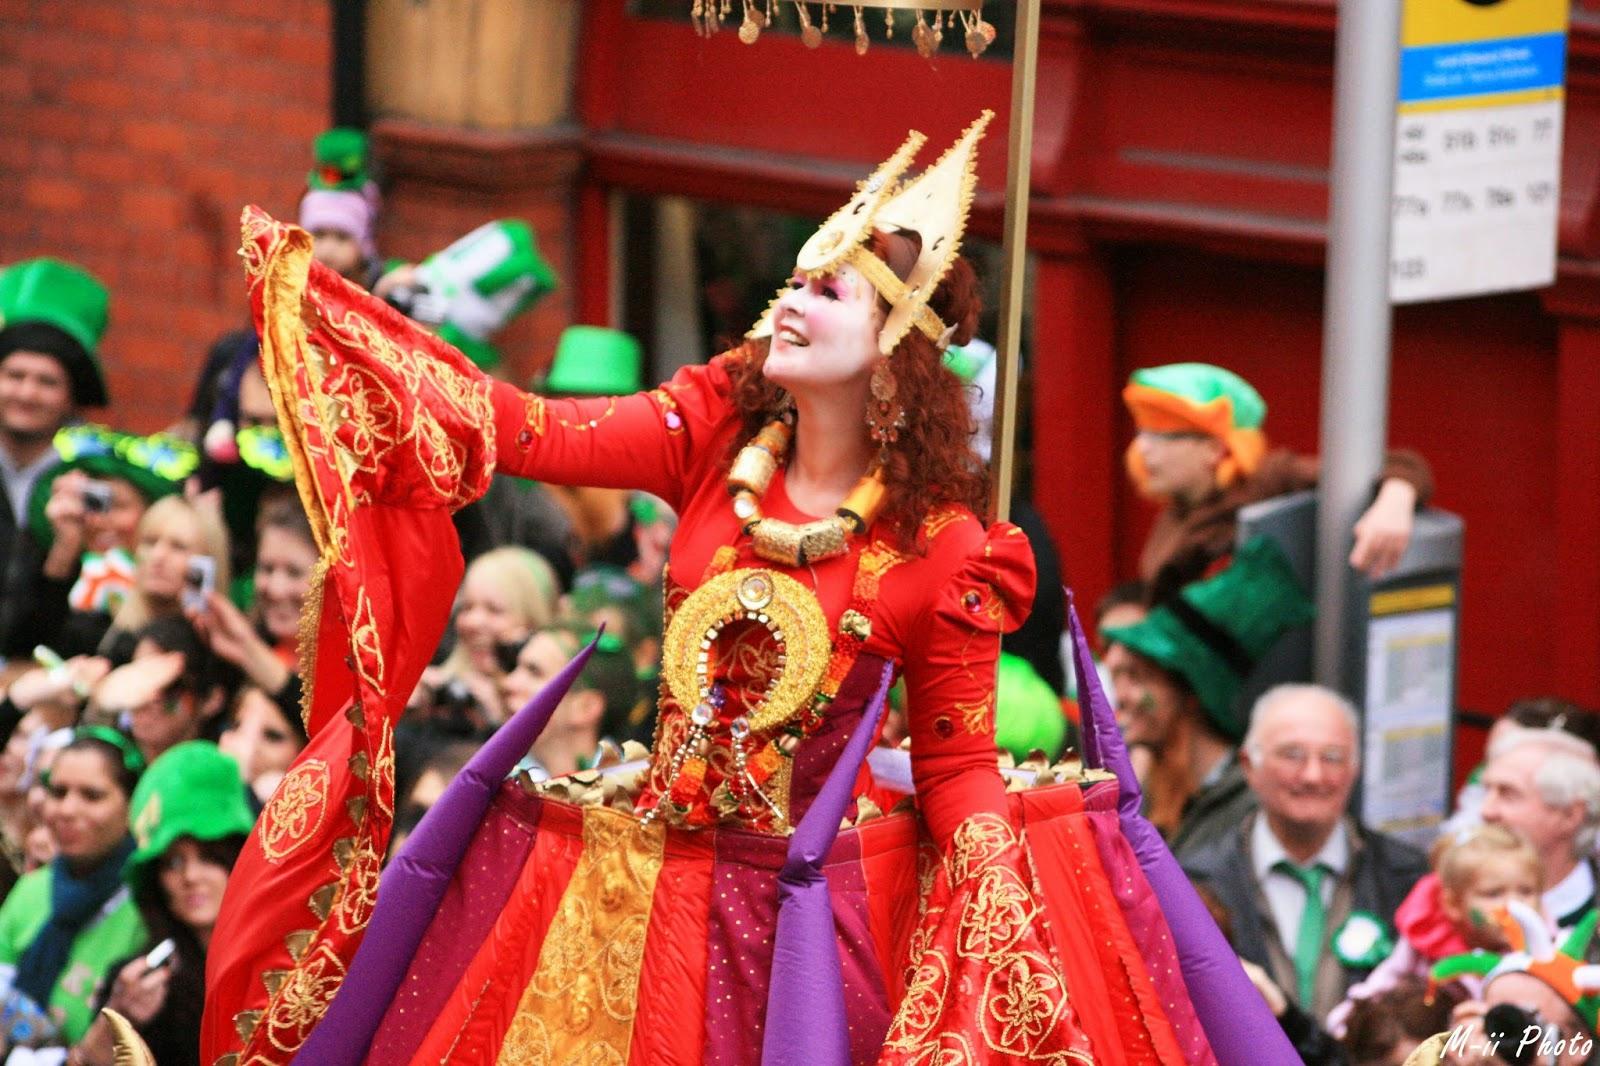 M-ii Photo : St Patrick 2011 à Dublin